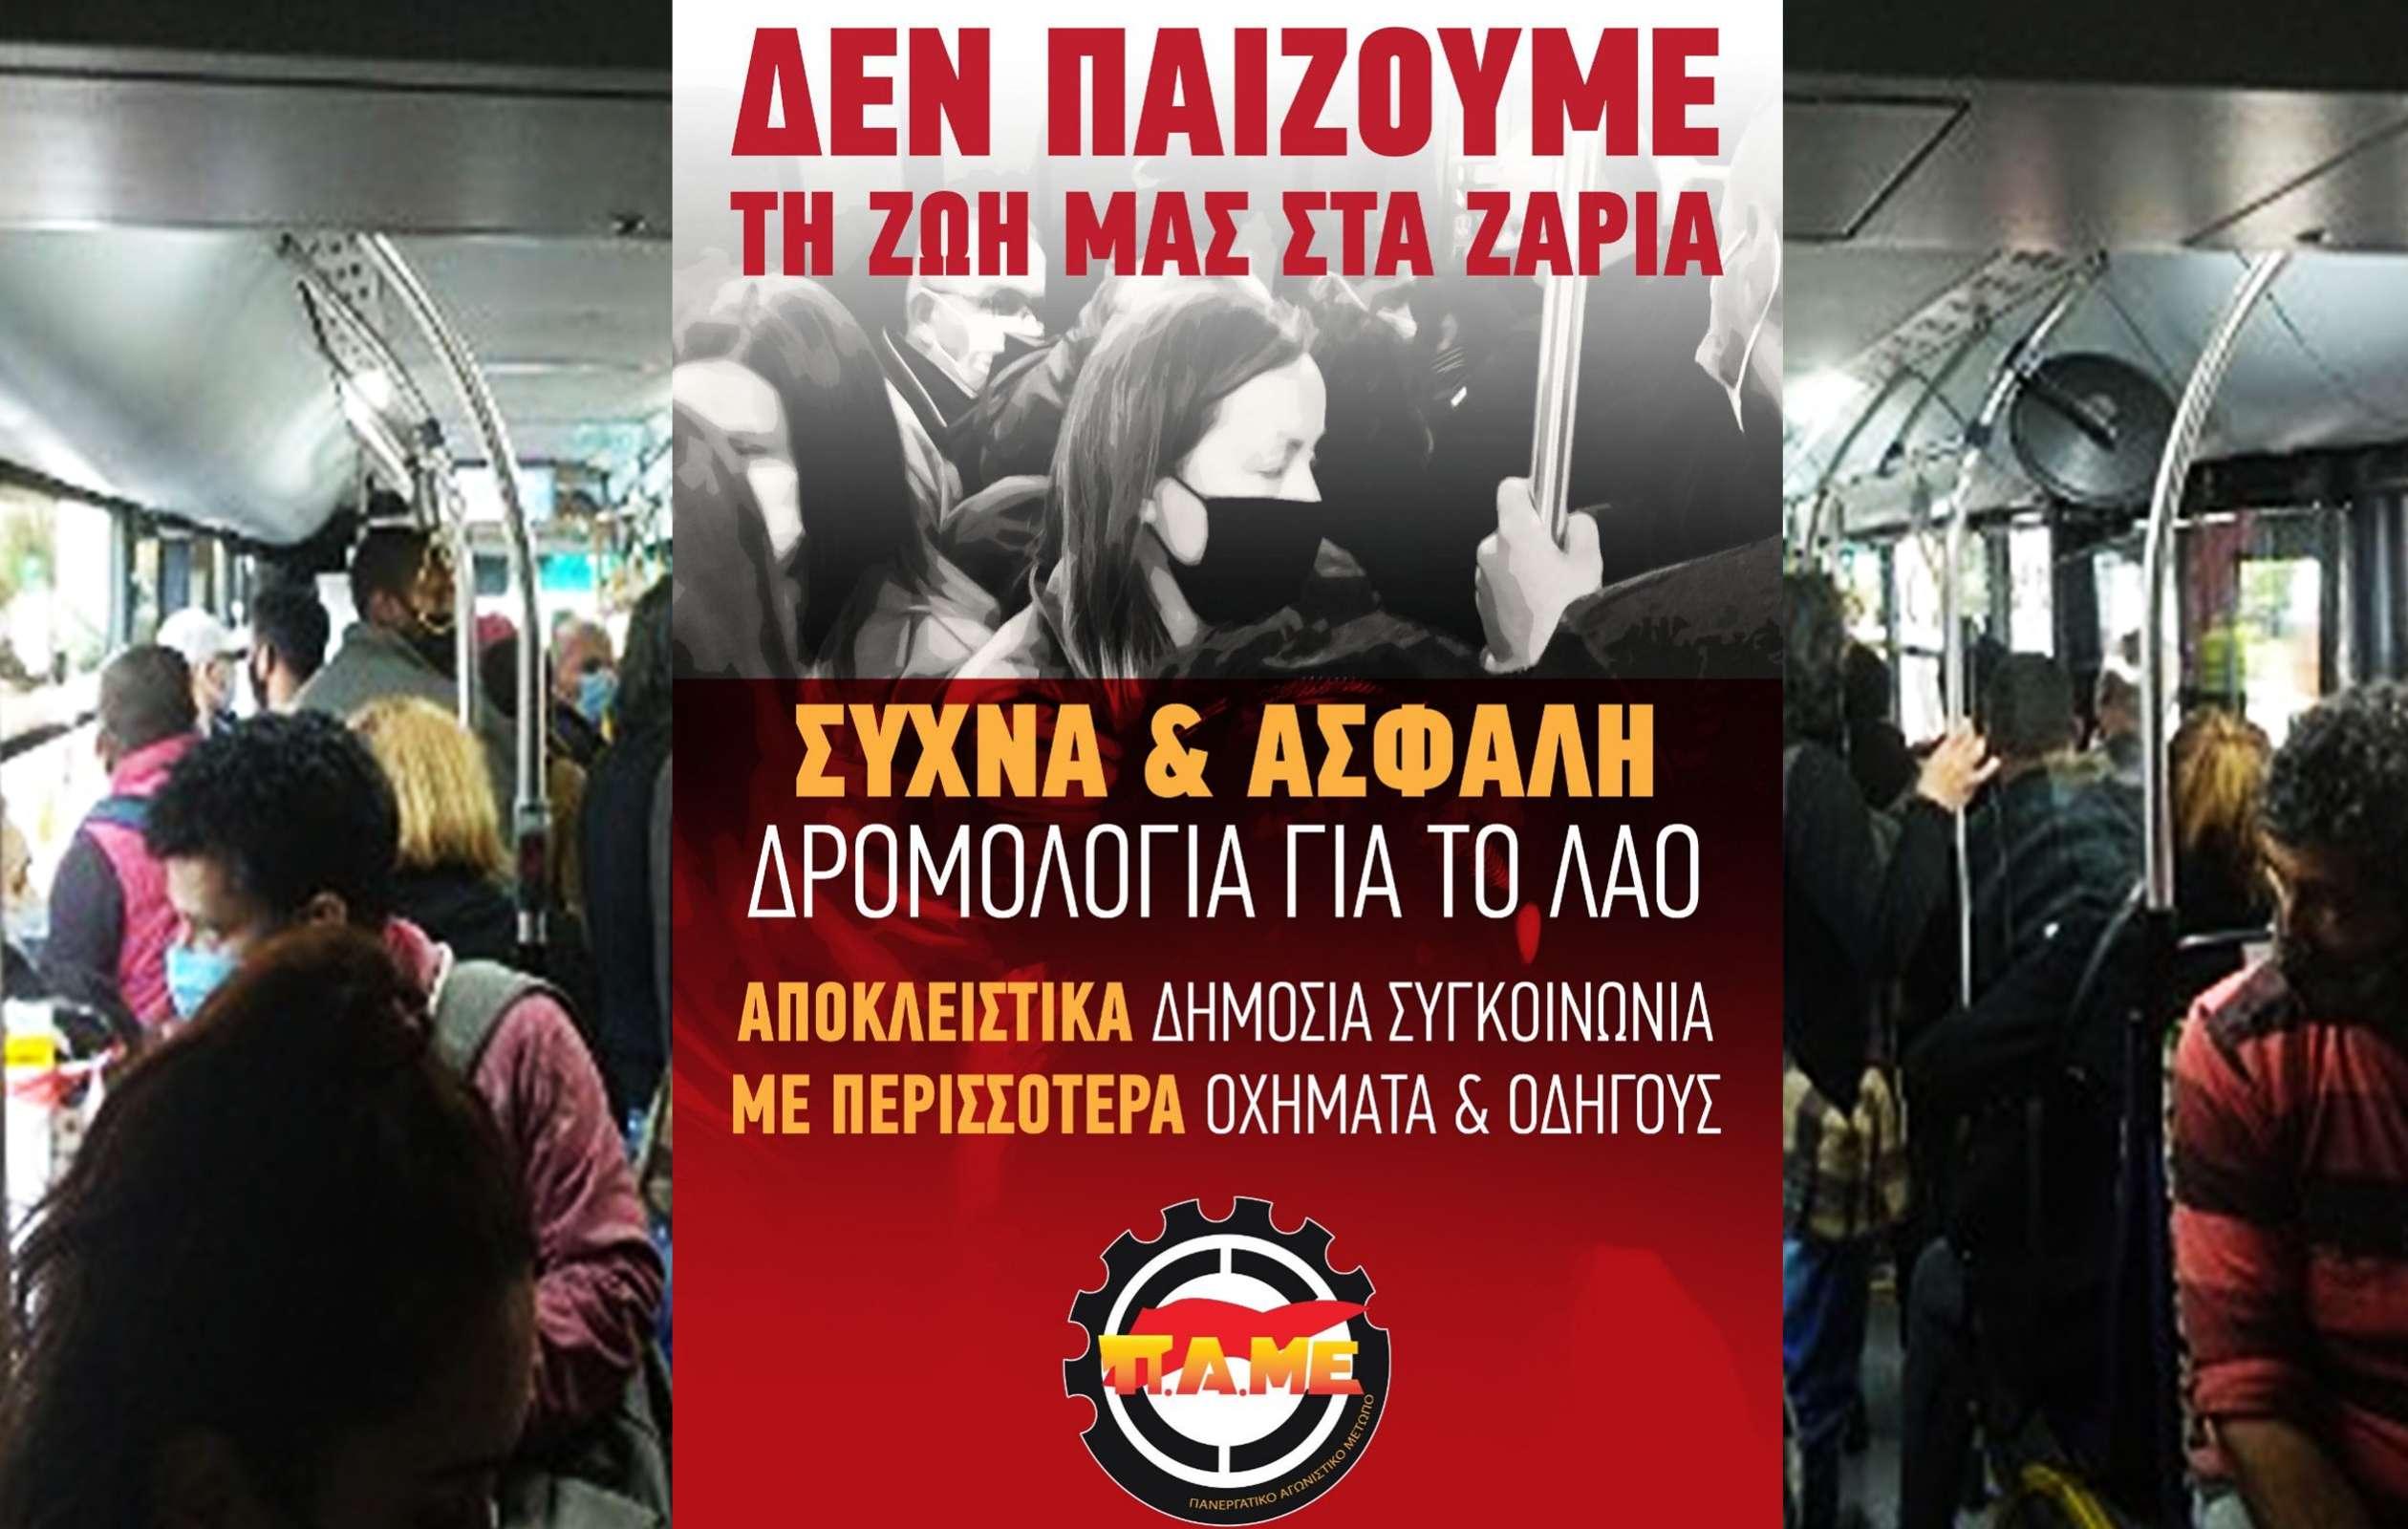 Μέρα δράσης για τις αστικές συγκοινωνίες